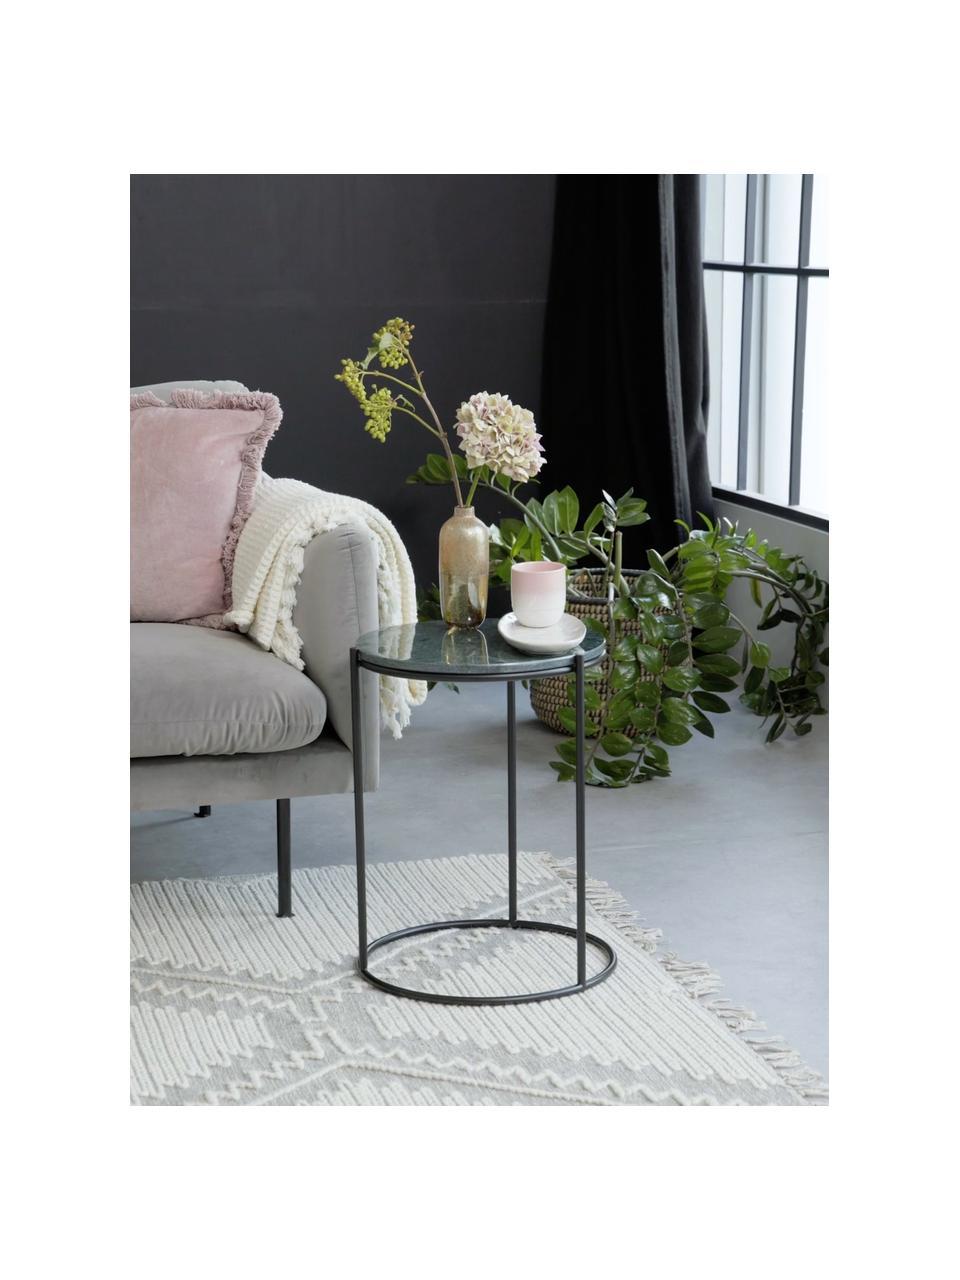 Runder Marmor-Beistelltisch Ella, Tischplatte: Marmor, Gestell: Metall, pulverbeschichtet, Grüner Marmor, Schwarz, Ø 40 x H 50 cm